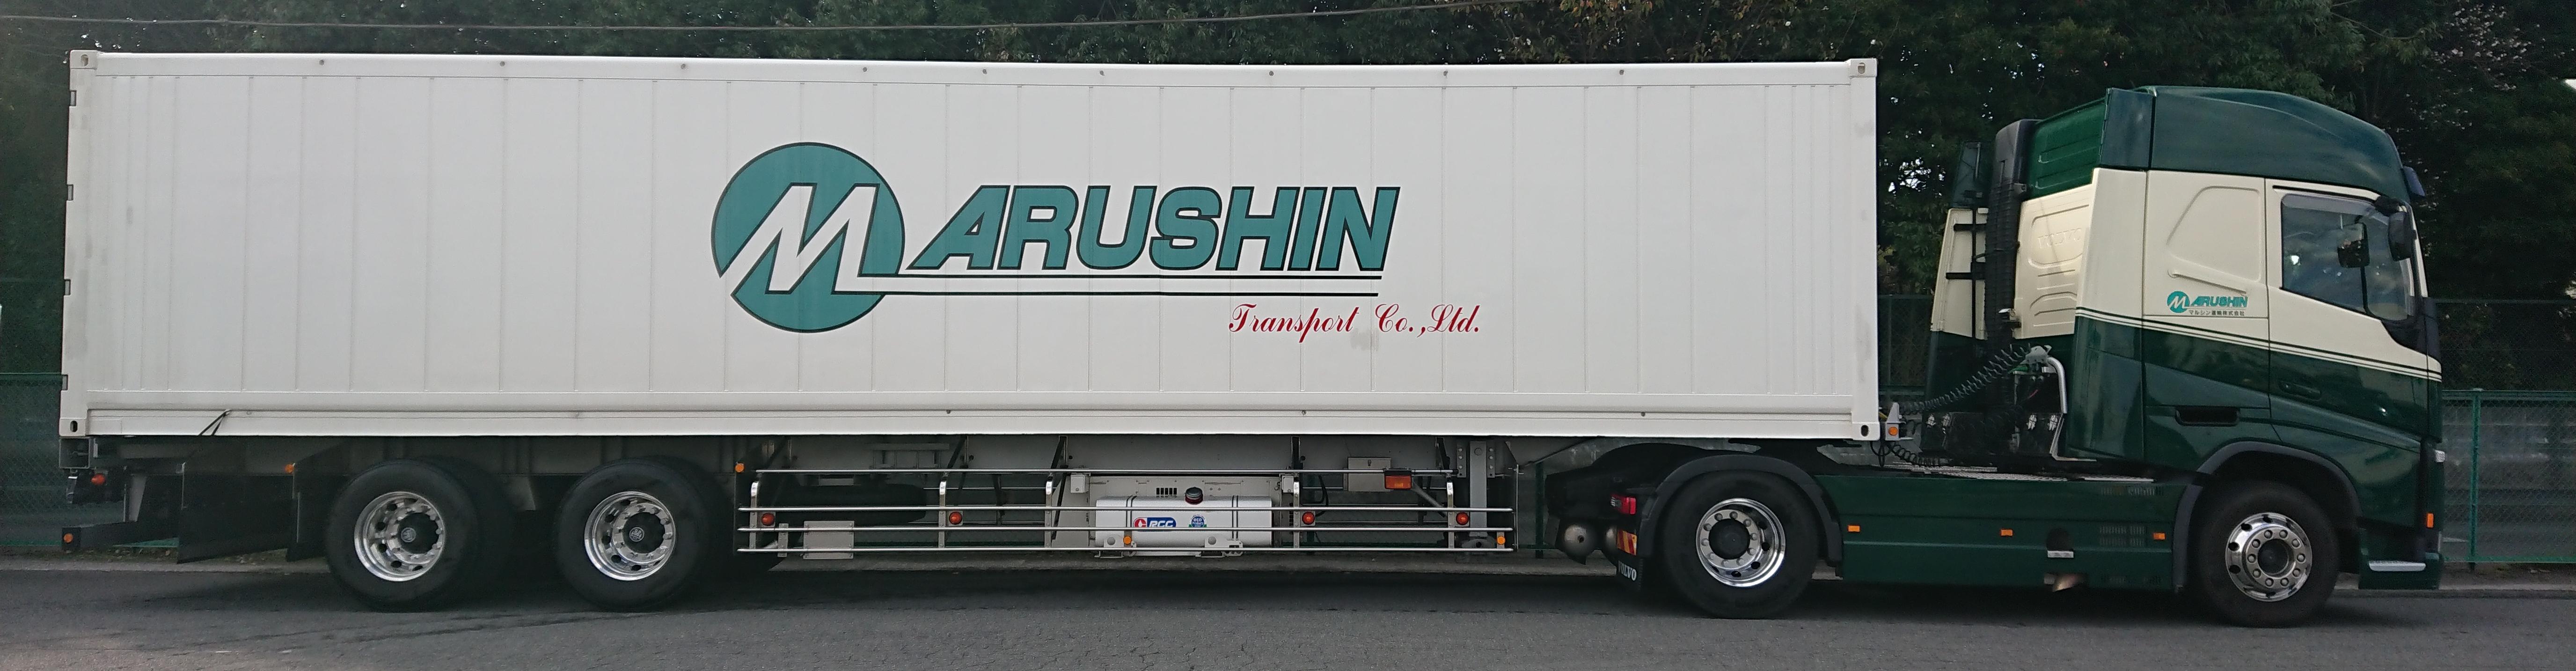 マルシン運輸株式会社